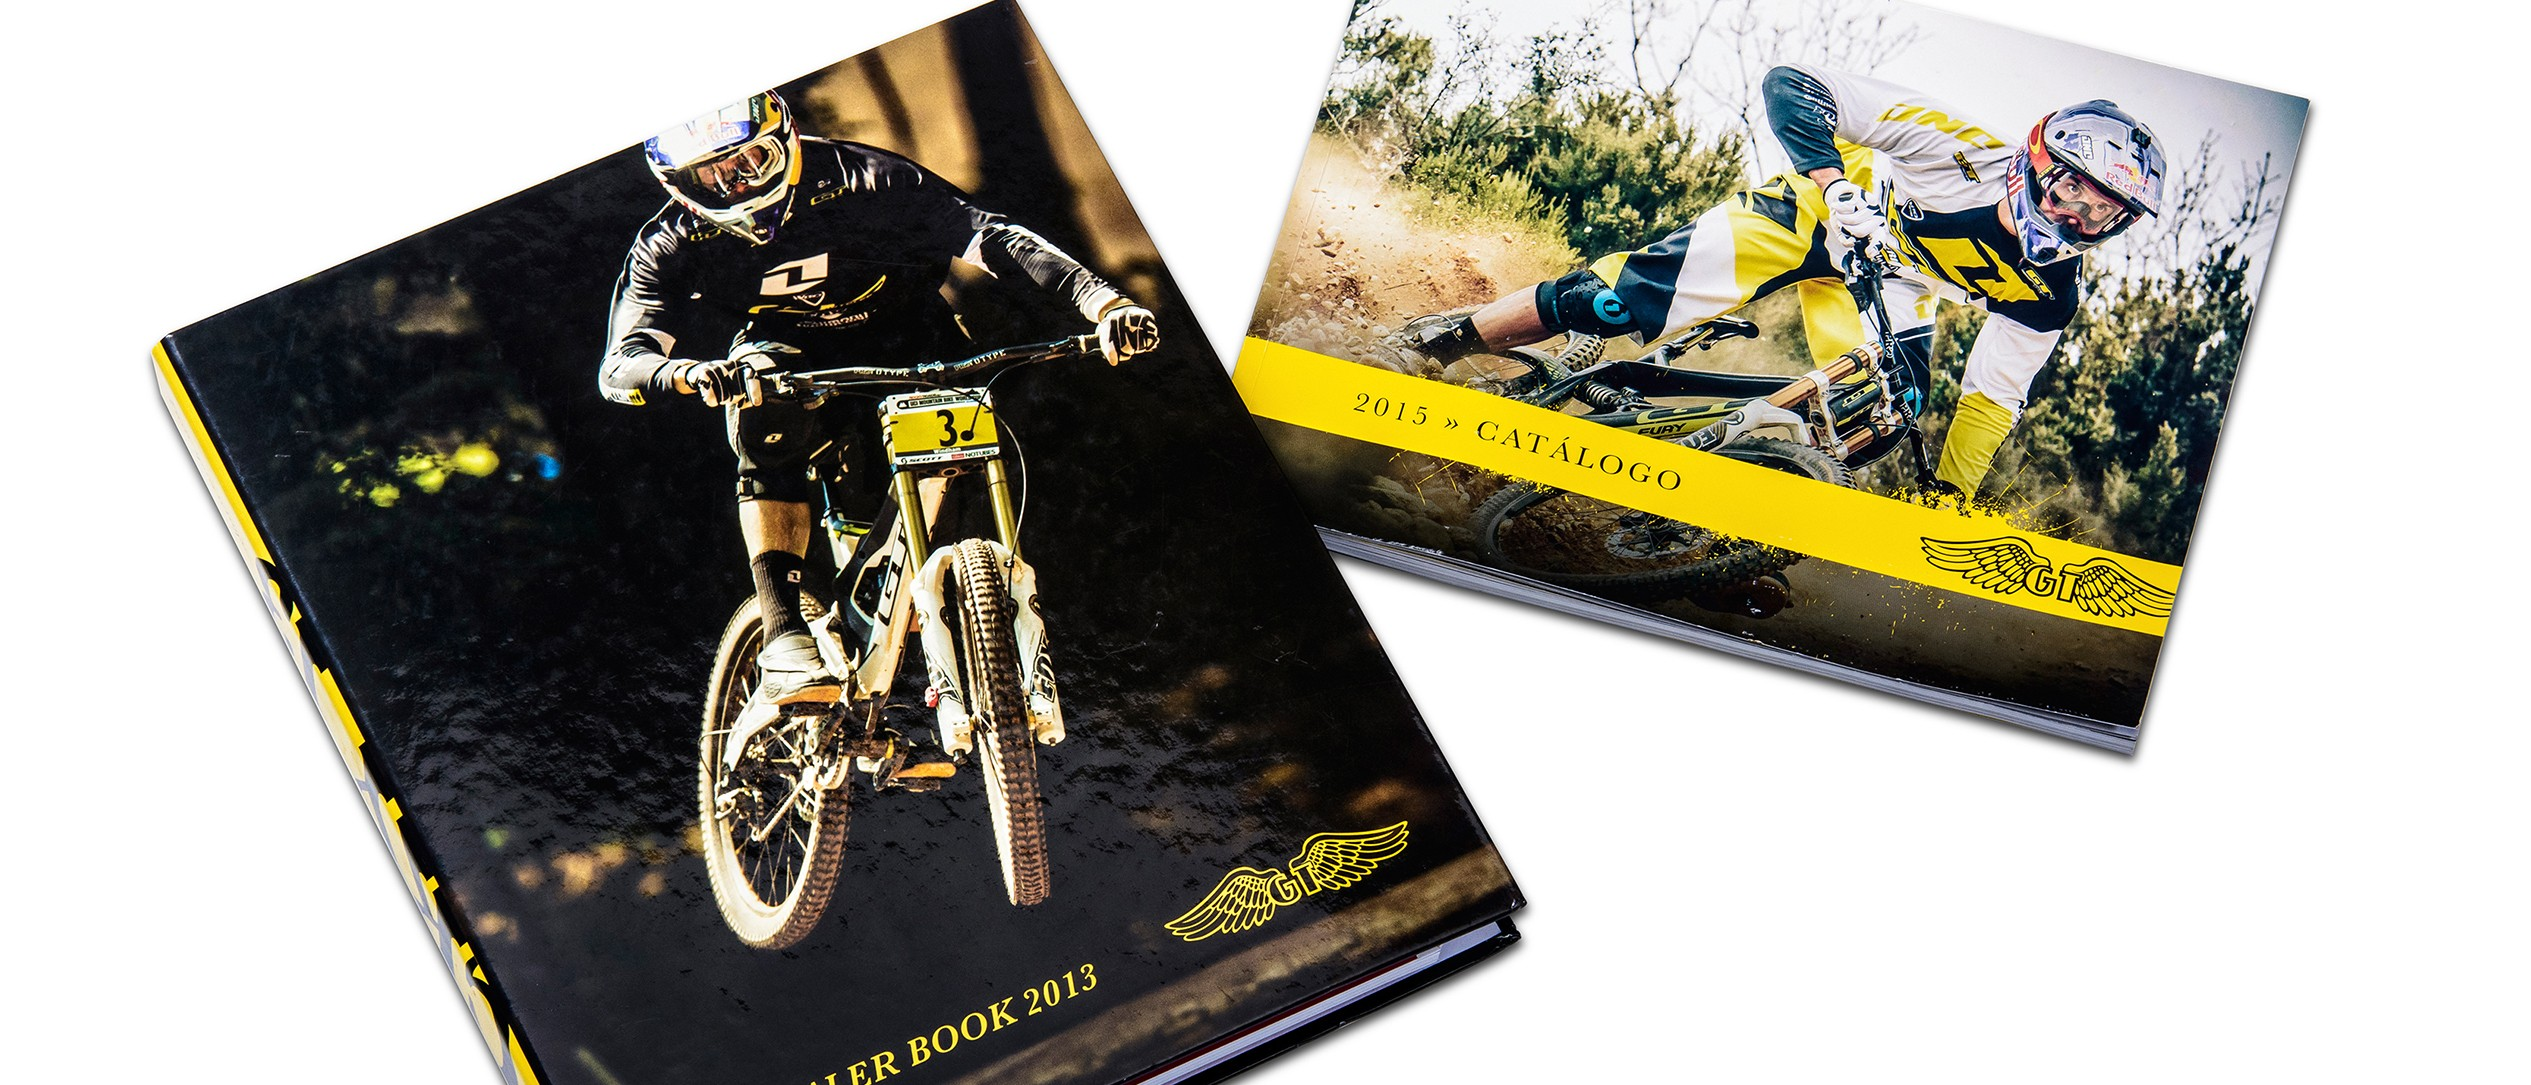 Portadas Dealer GT 2013 y 2015